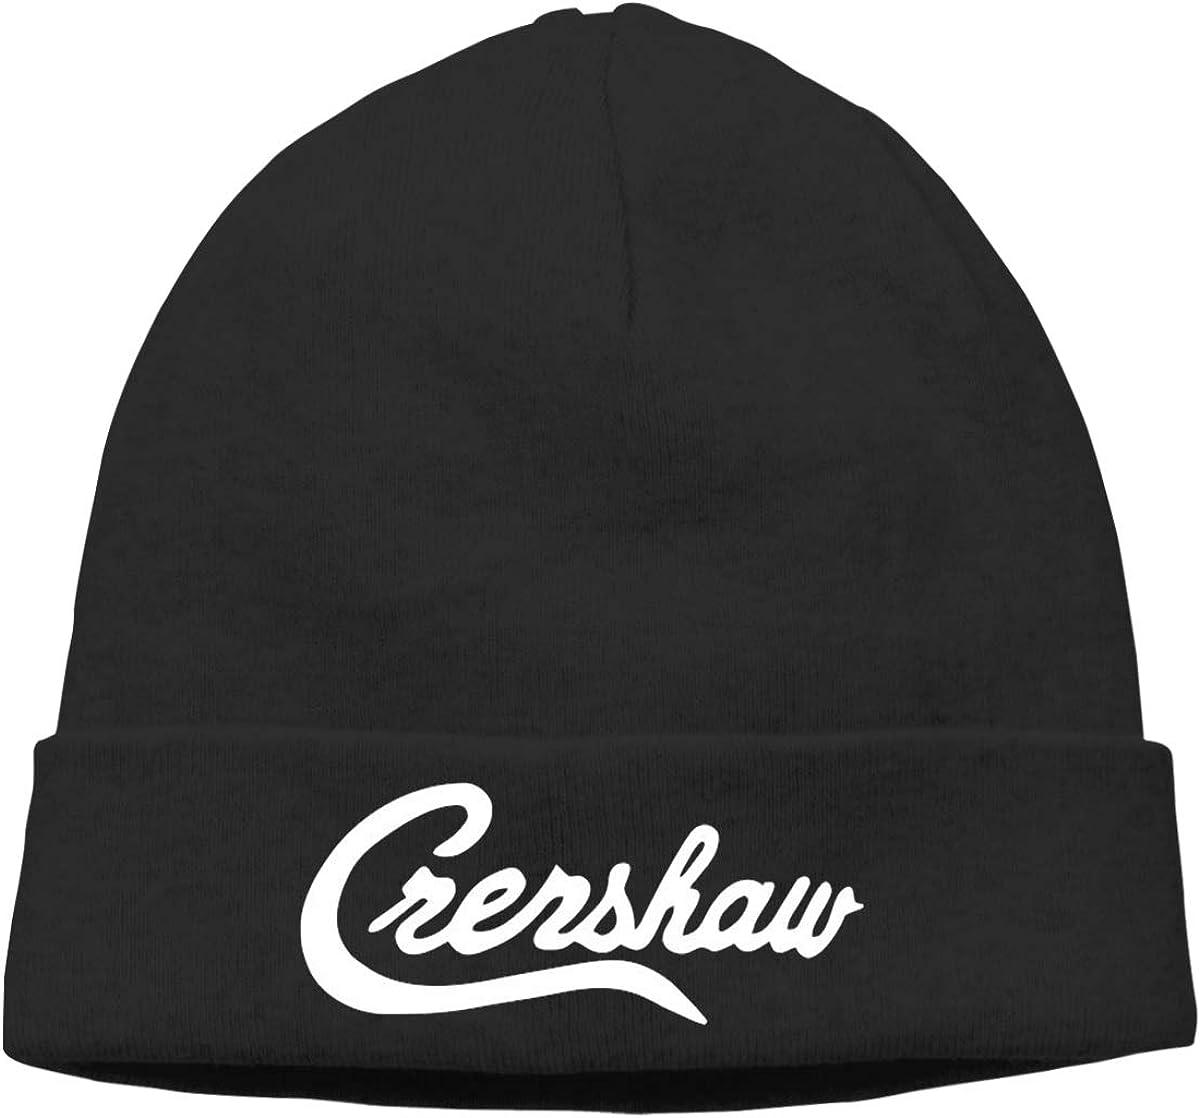 David Bell Hedging Cap Crenshaw Joker Cap for Unisex Black Cap